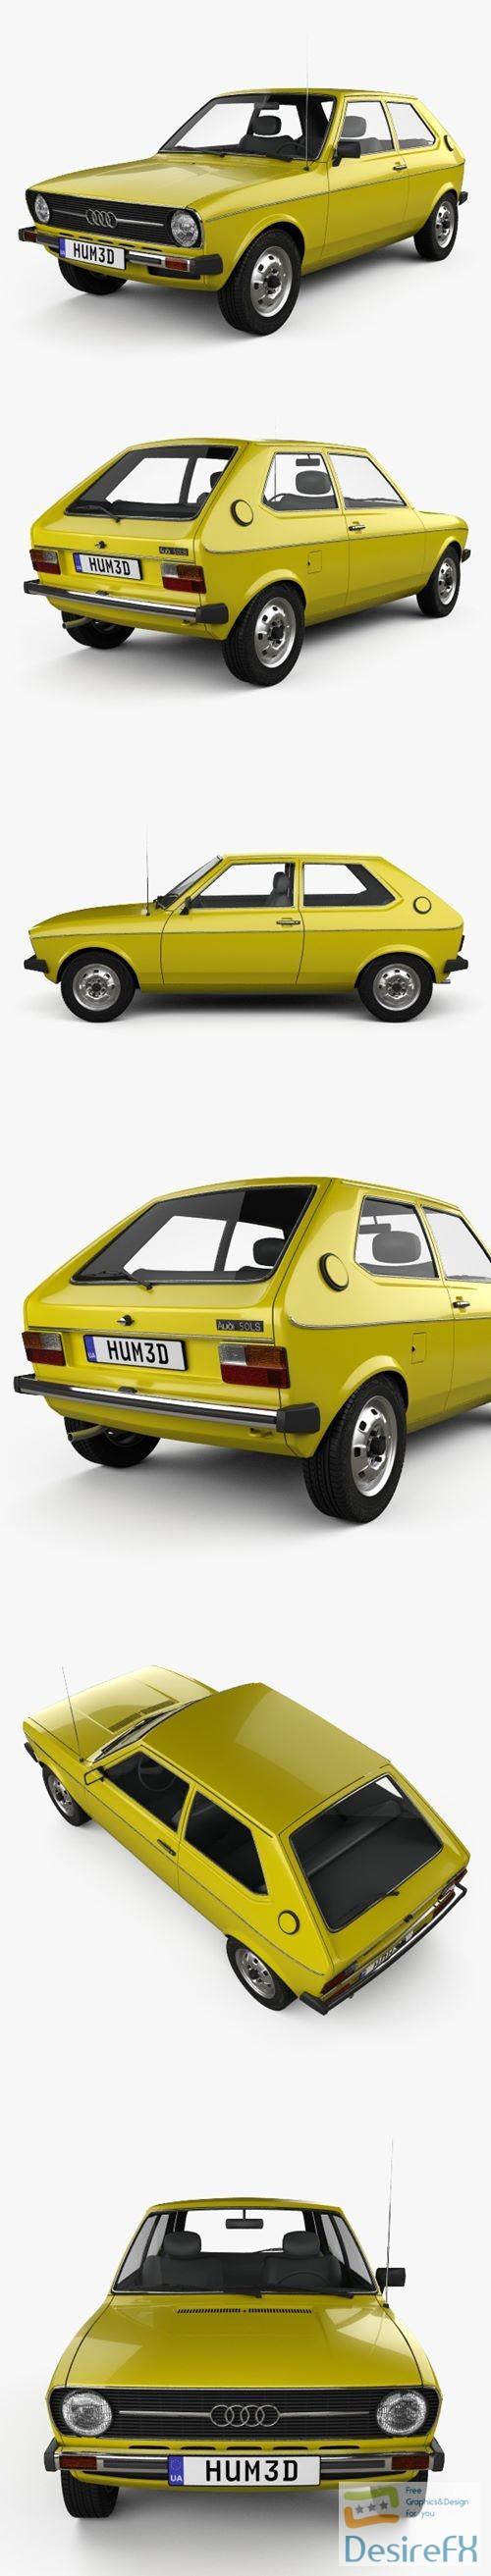 3d-models - Audi 50 Typ86 1974 3D Model